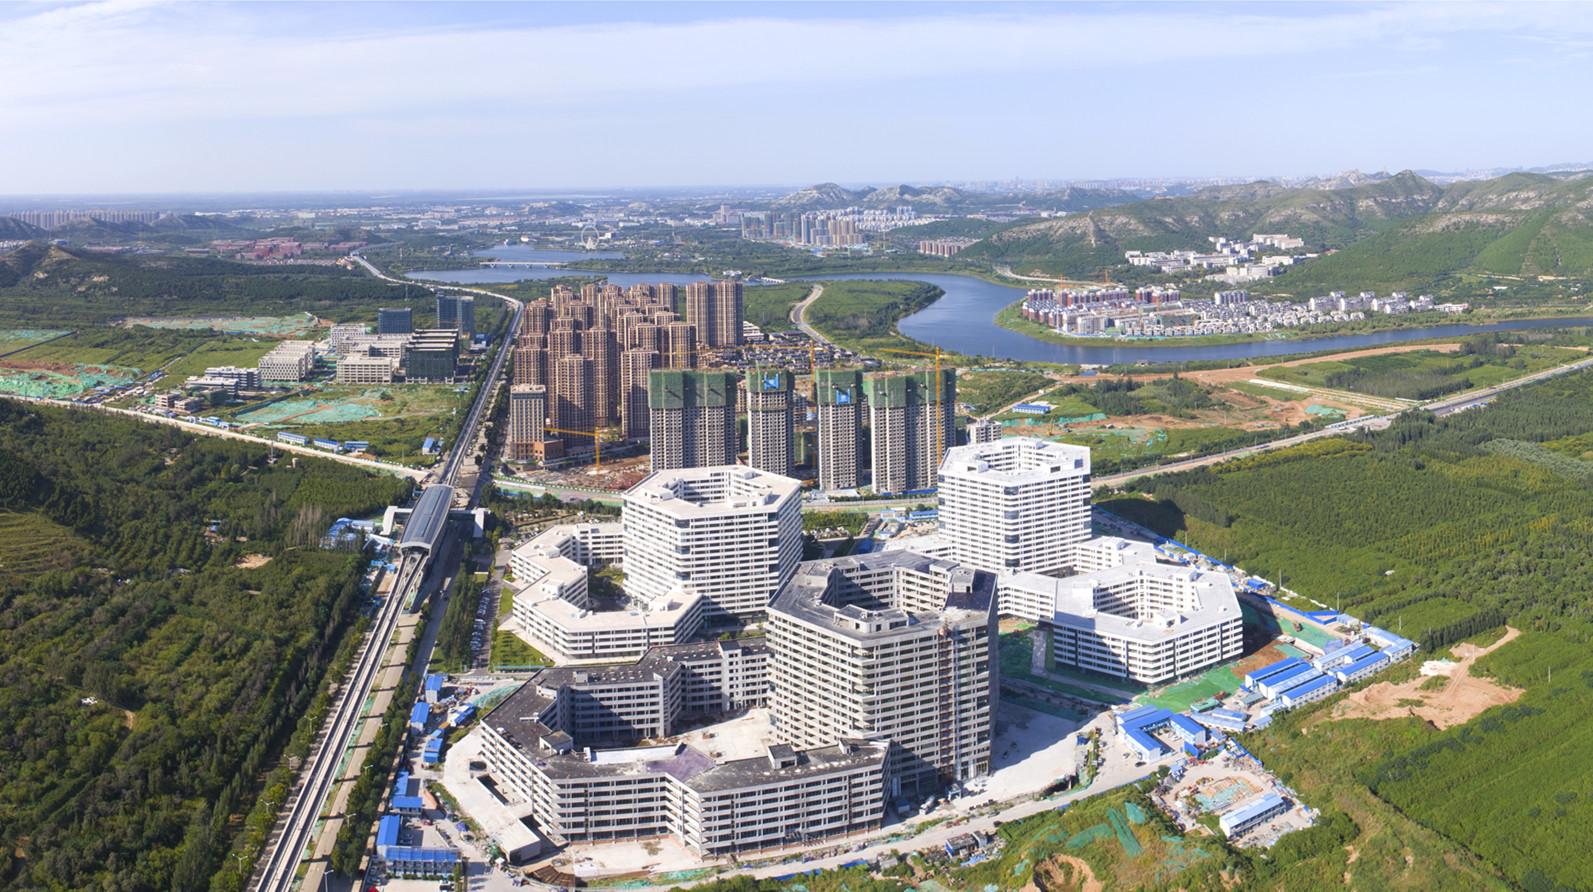 79秒丨济南首列地铁以它命名,吸引北京人来工作…济南这座神秘的创新谷里都有啥?